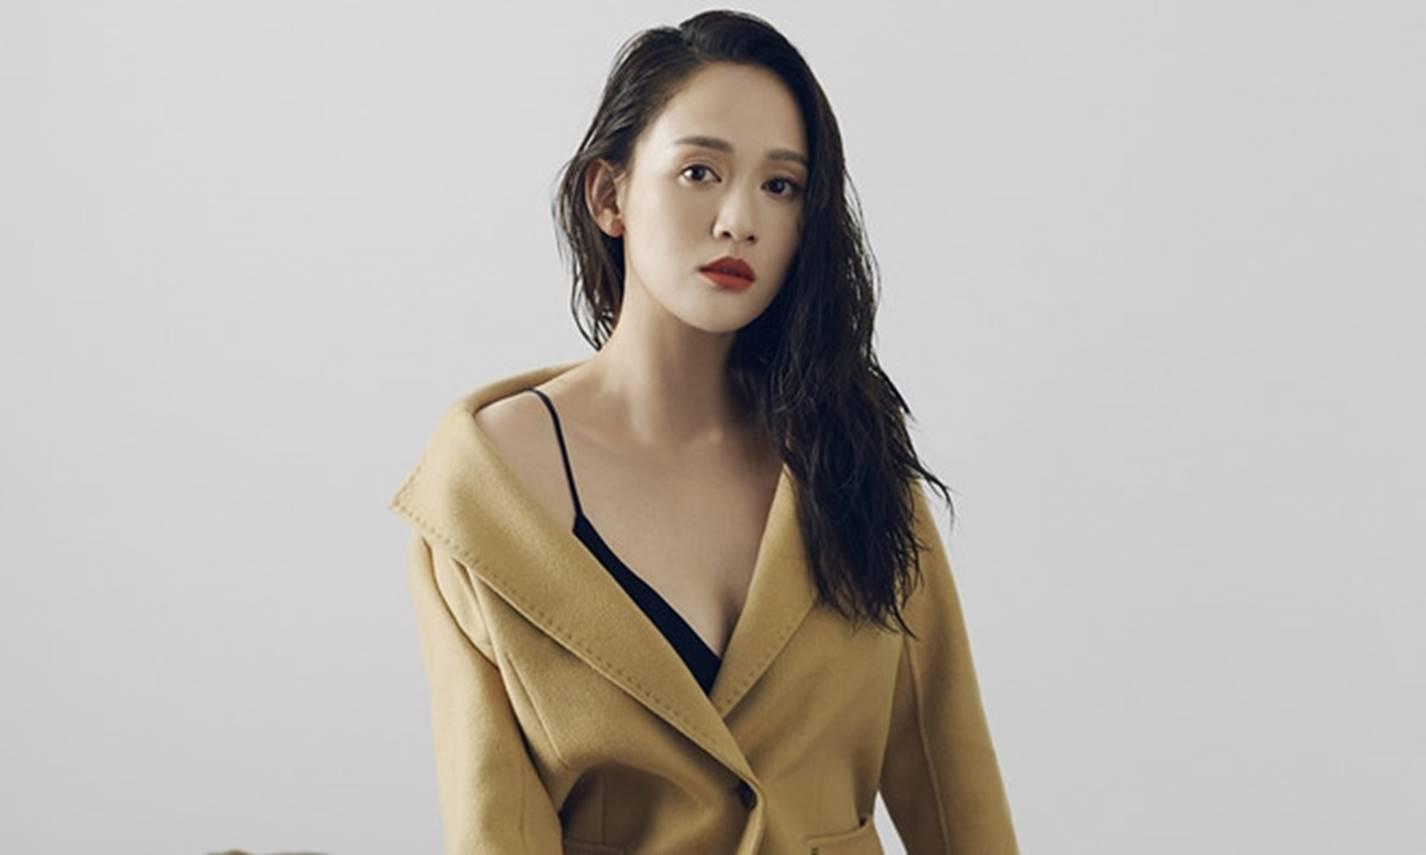 Đông Phương Bất Bại Trần Kiều Ân tuổi 40 trẻ đẹp như thời đôi mươi-9